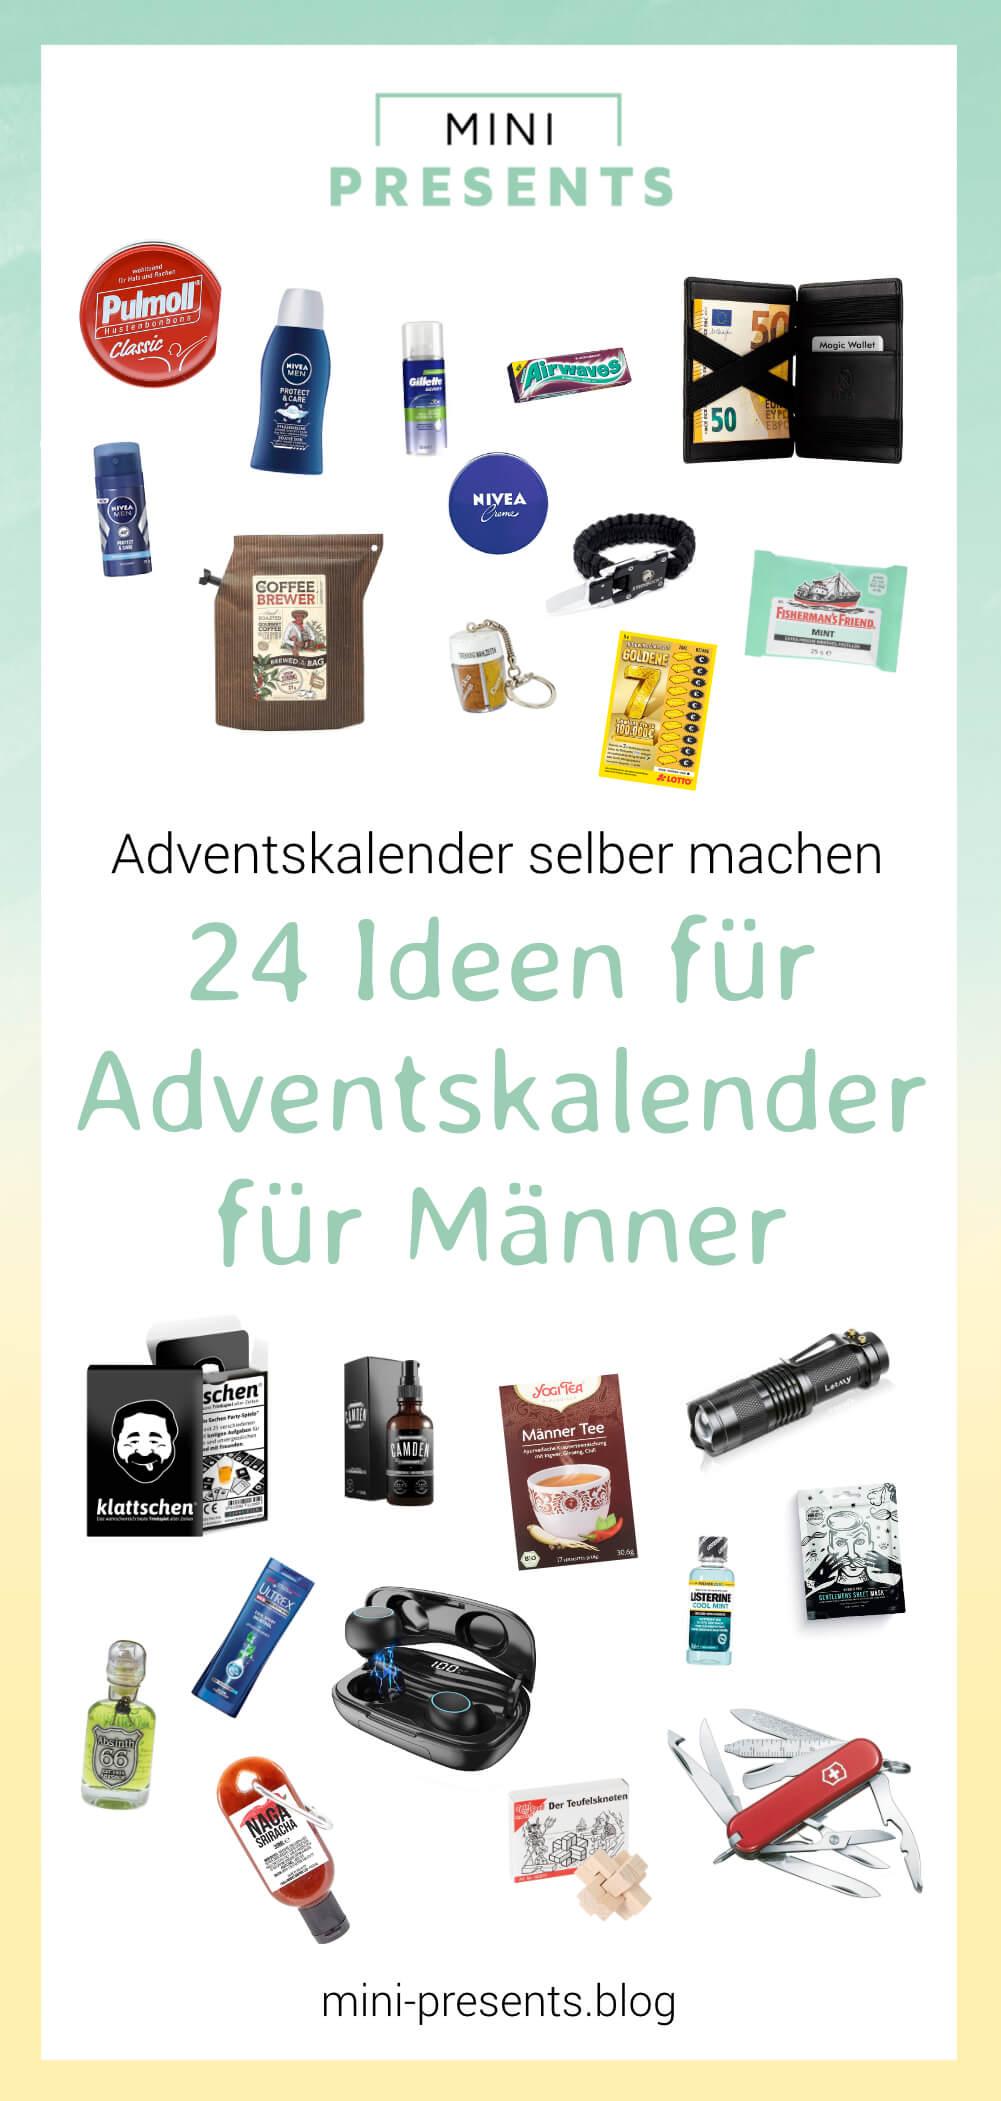 mini-presents-freebie-adventskalender-weihnachtskalender